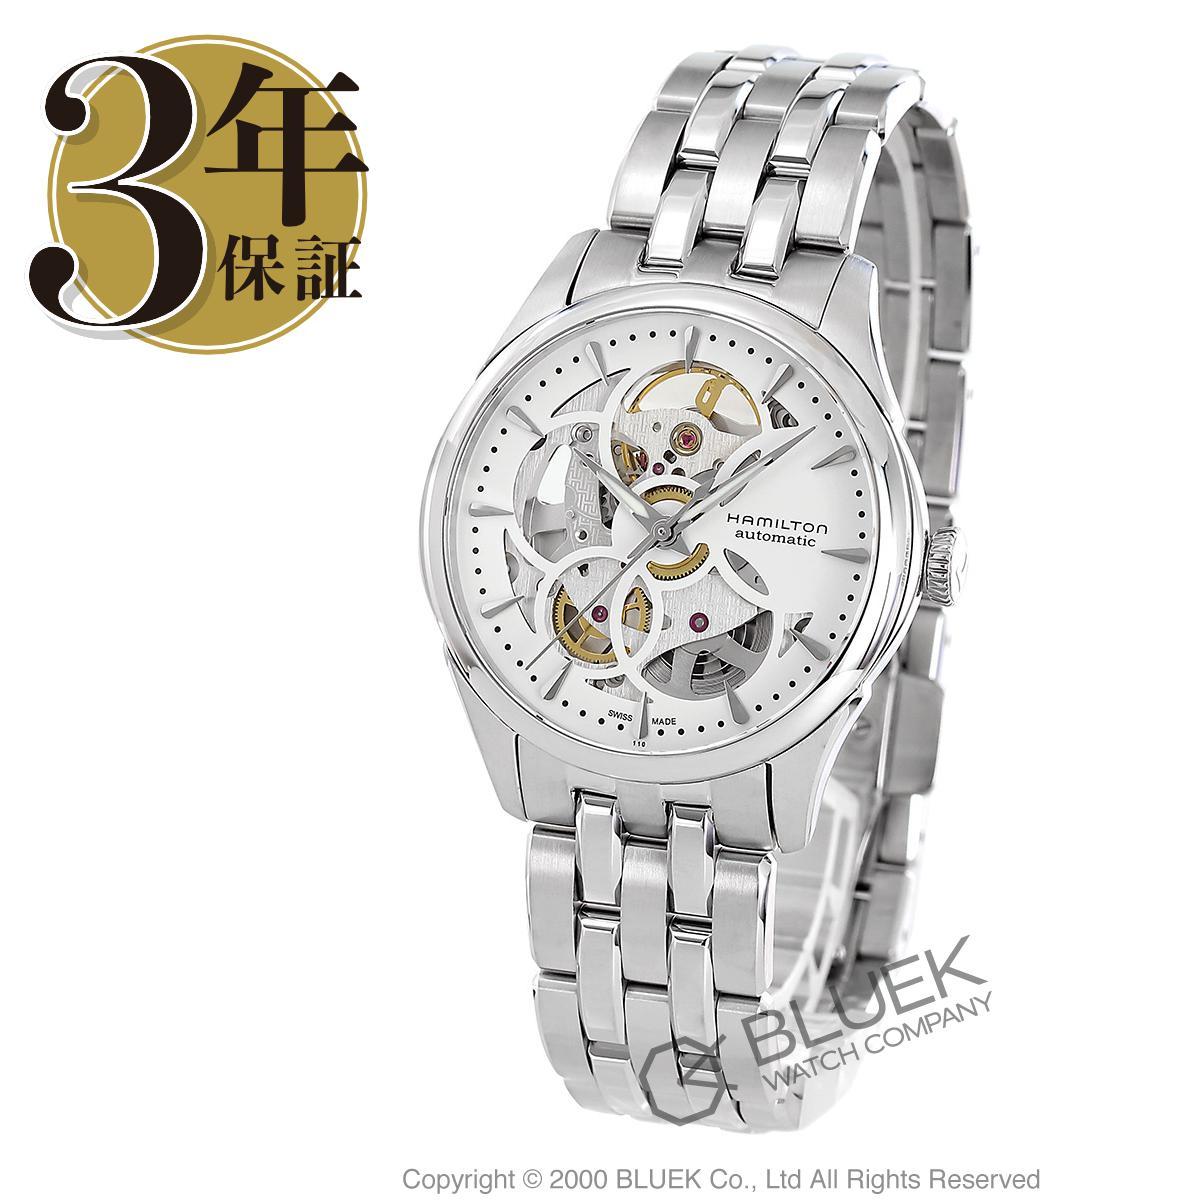 ハミルトン ジャズマスター ビューマチック スケルトン レディ 腕時計 レディース HAMILTON H32405111_3